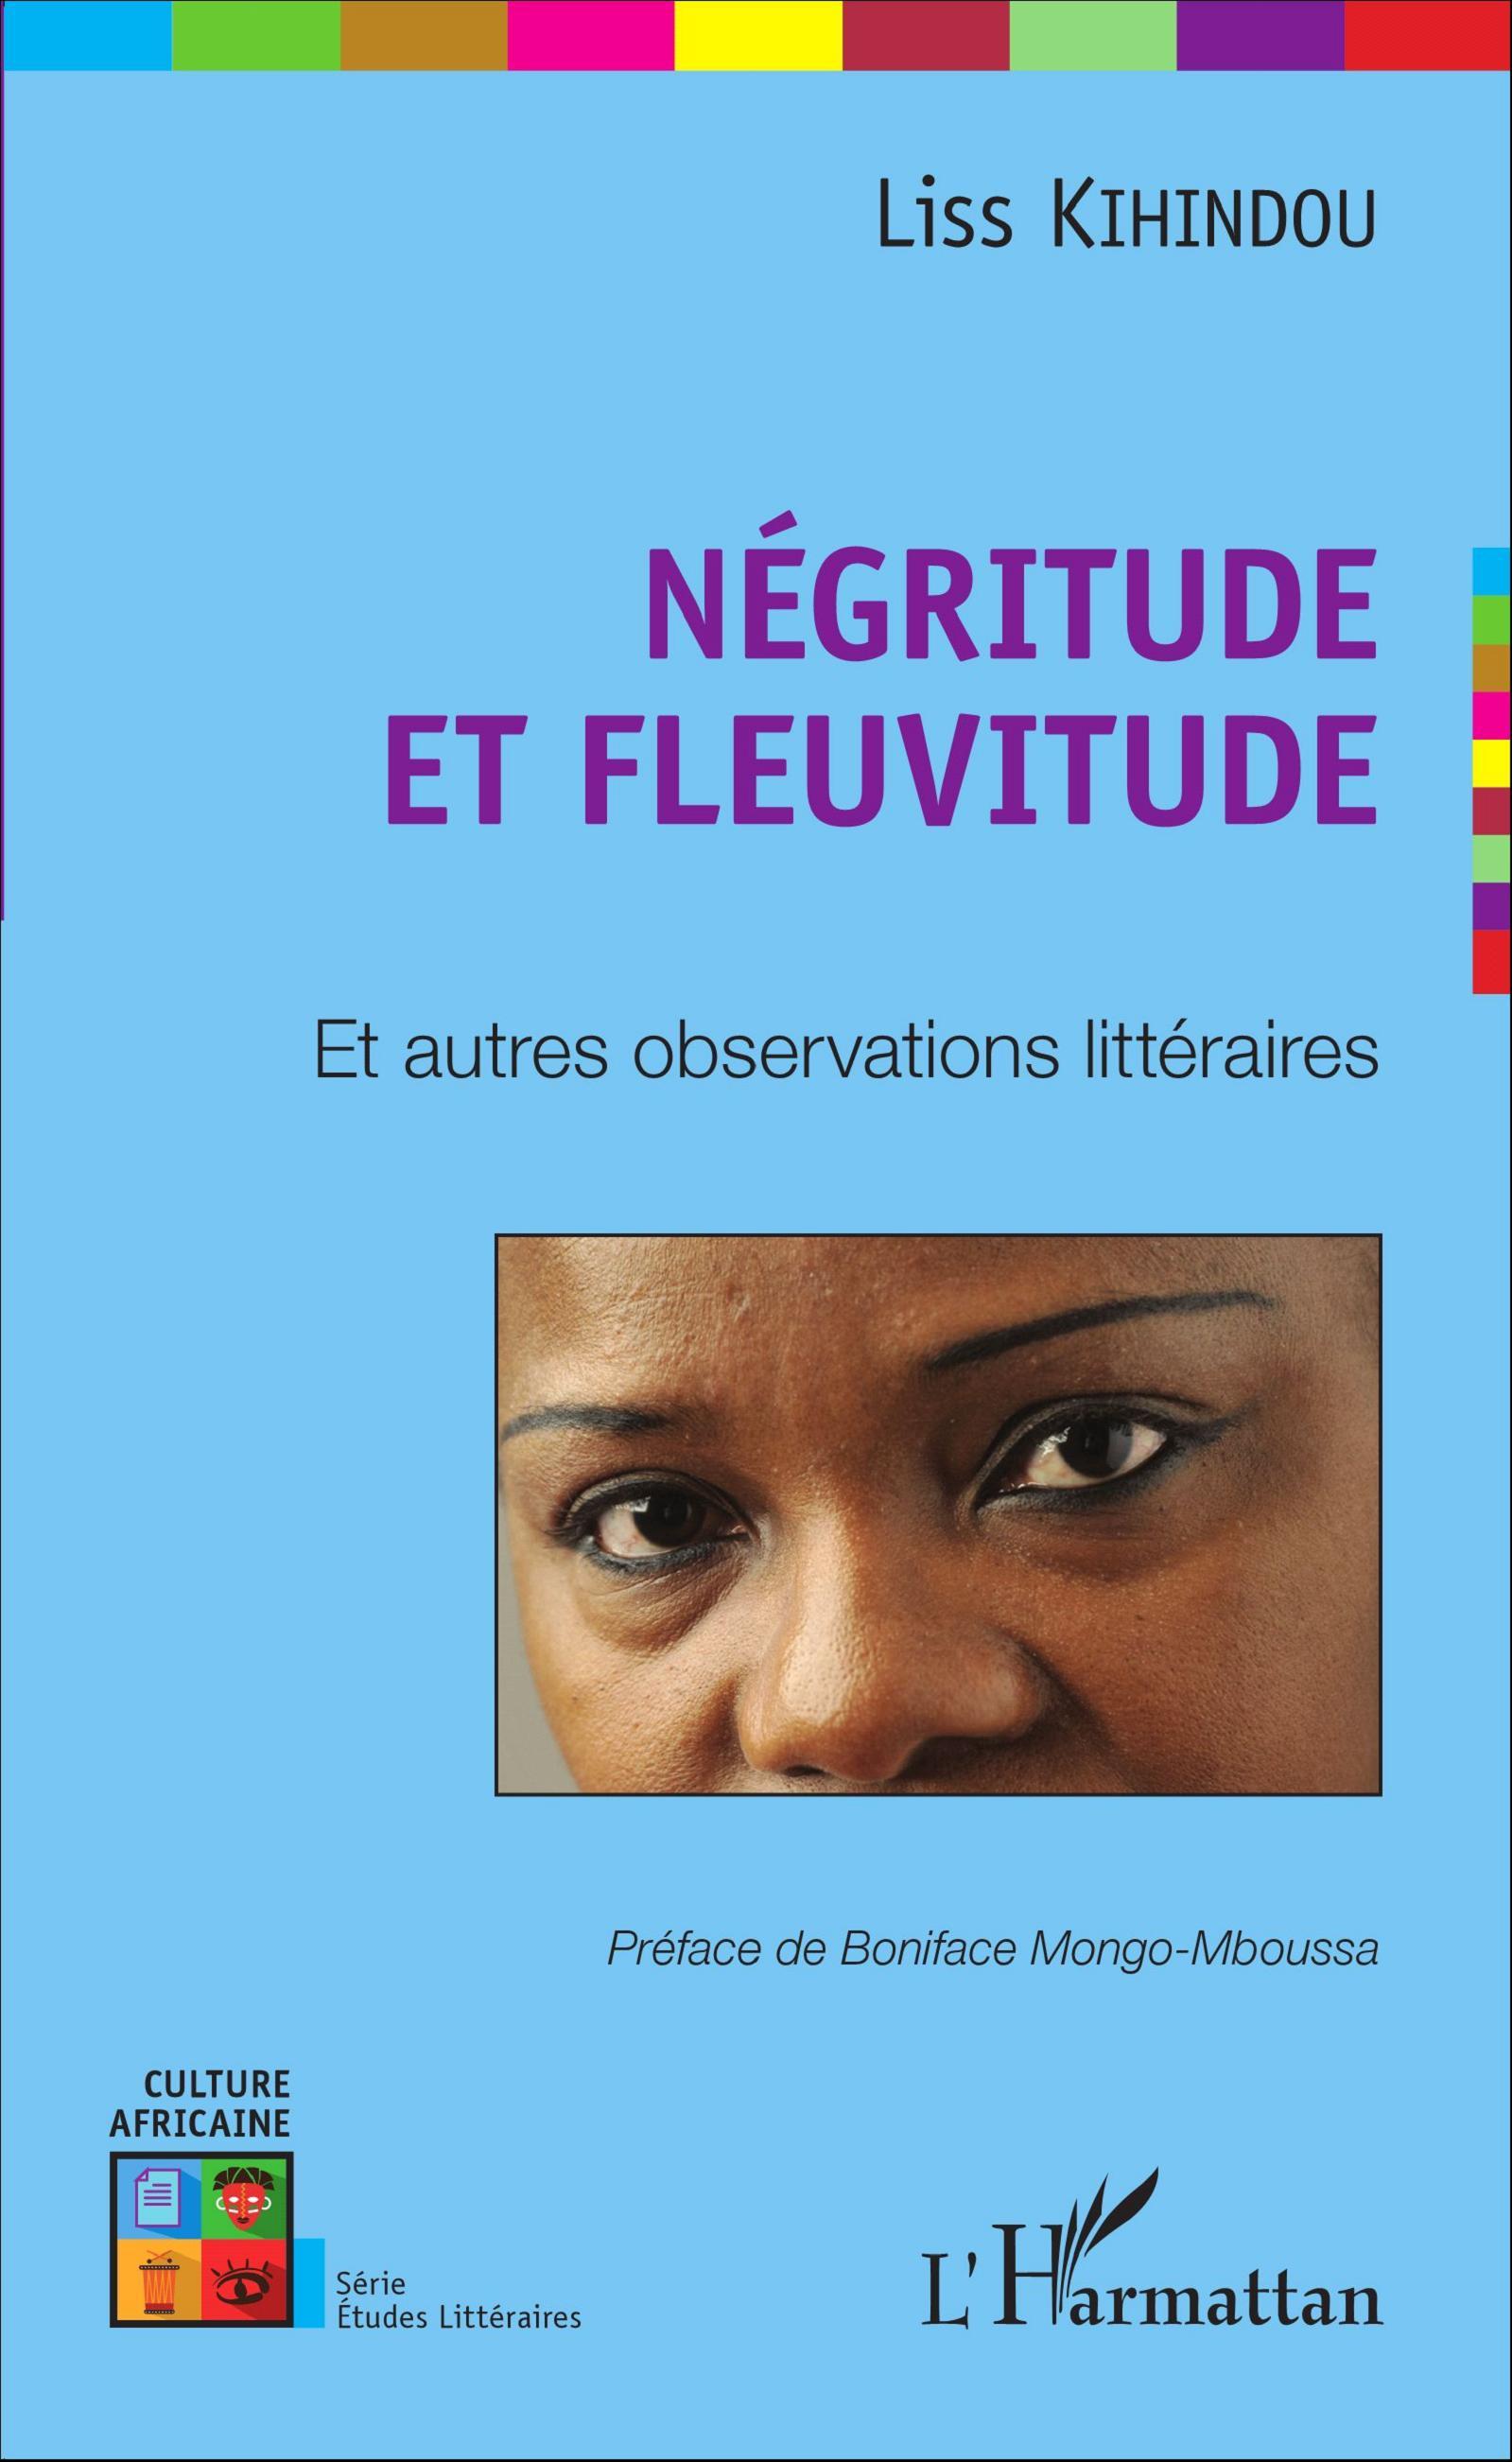 L. Kihindou, Négritude et Fleuvitude et autres observations littéraires